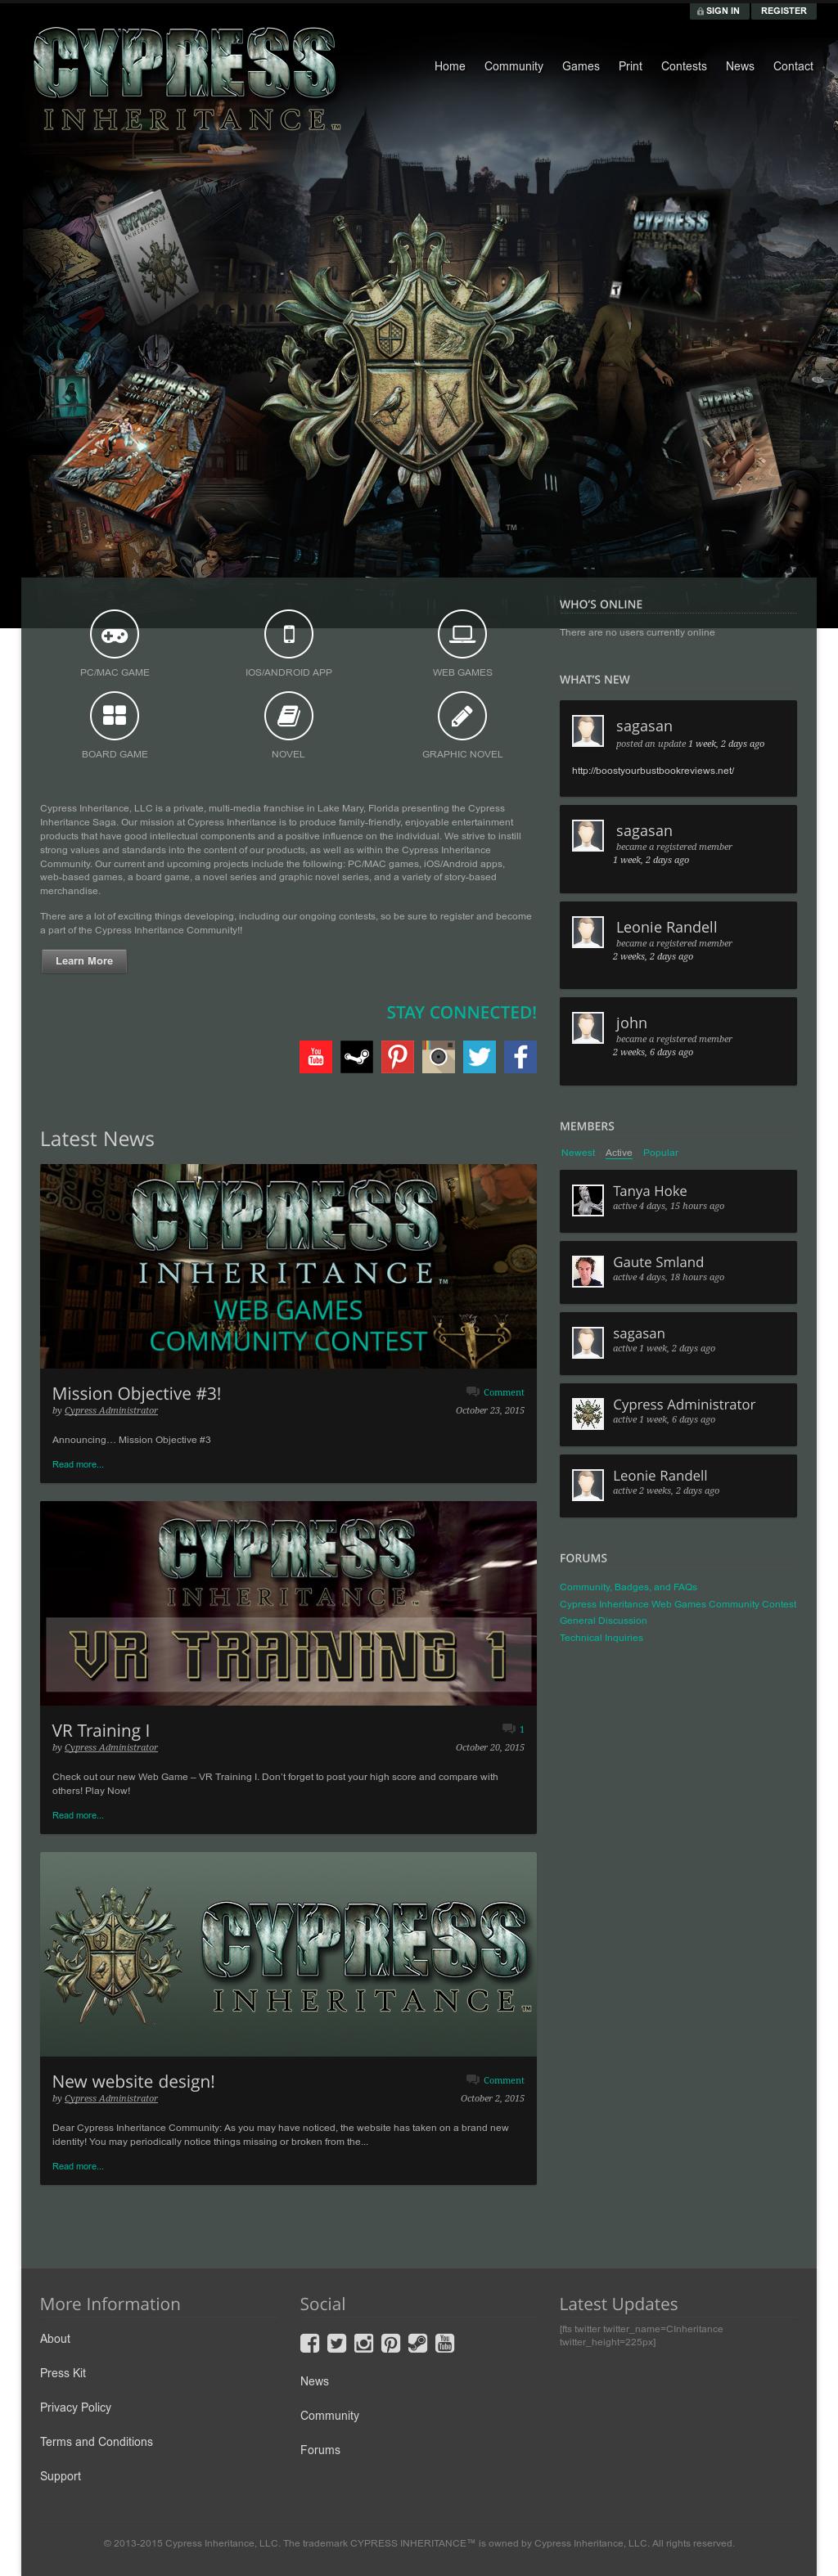 cypress inheritance the beginning